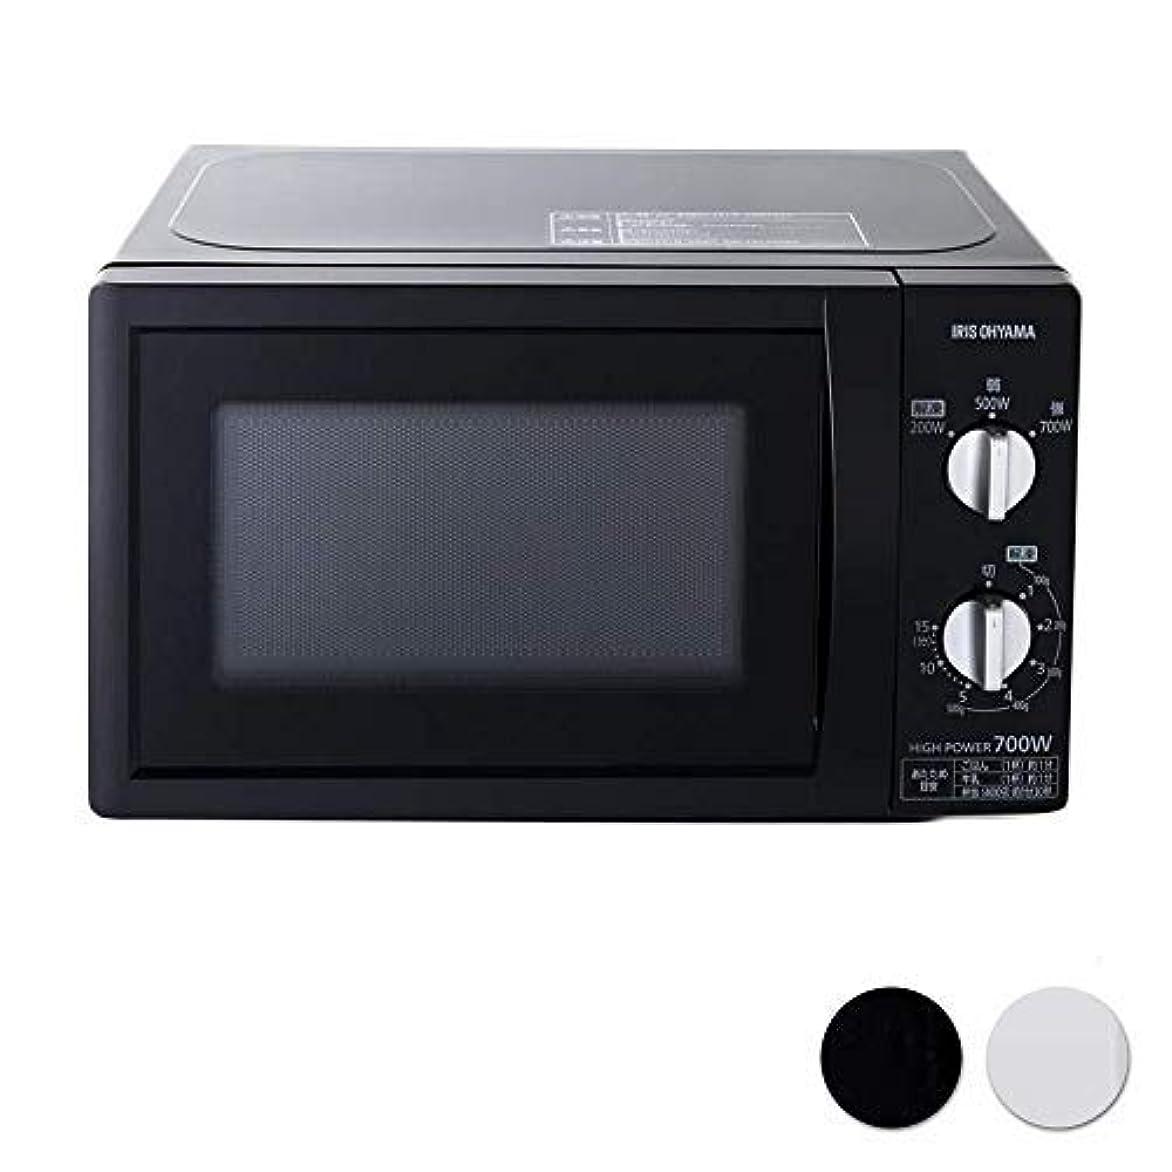 【セット販売】アイリスオーヤマ 炊飯器 マイコン式 3合 銘柄炊き分け機能付き RC-MC30-B & 【東日本 50Hz専用】アイリスオーヤマ 電子レンジ 17L ターンテーブル ブラック MBL-17T5-B セット